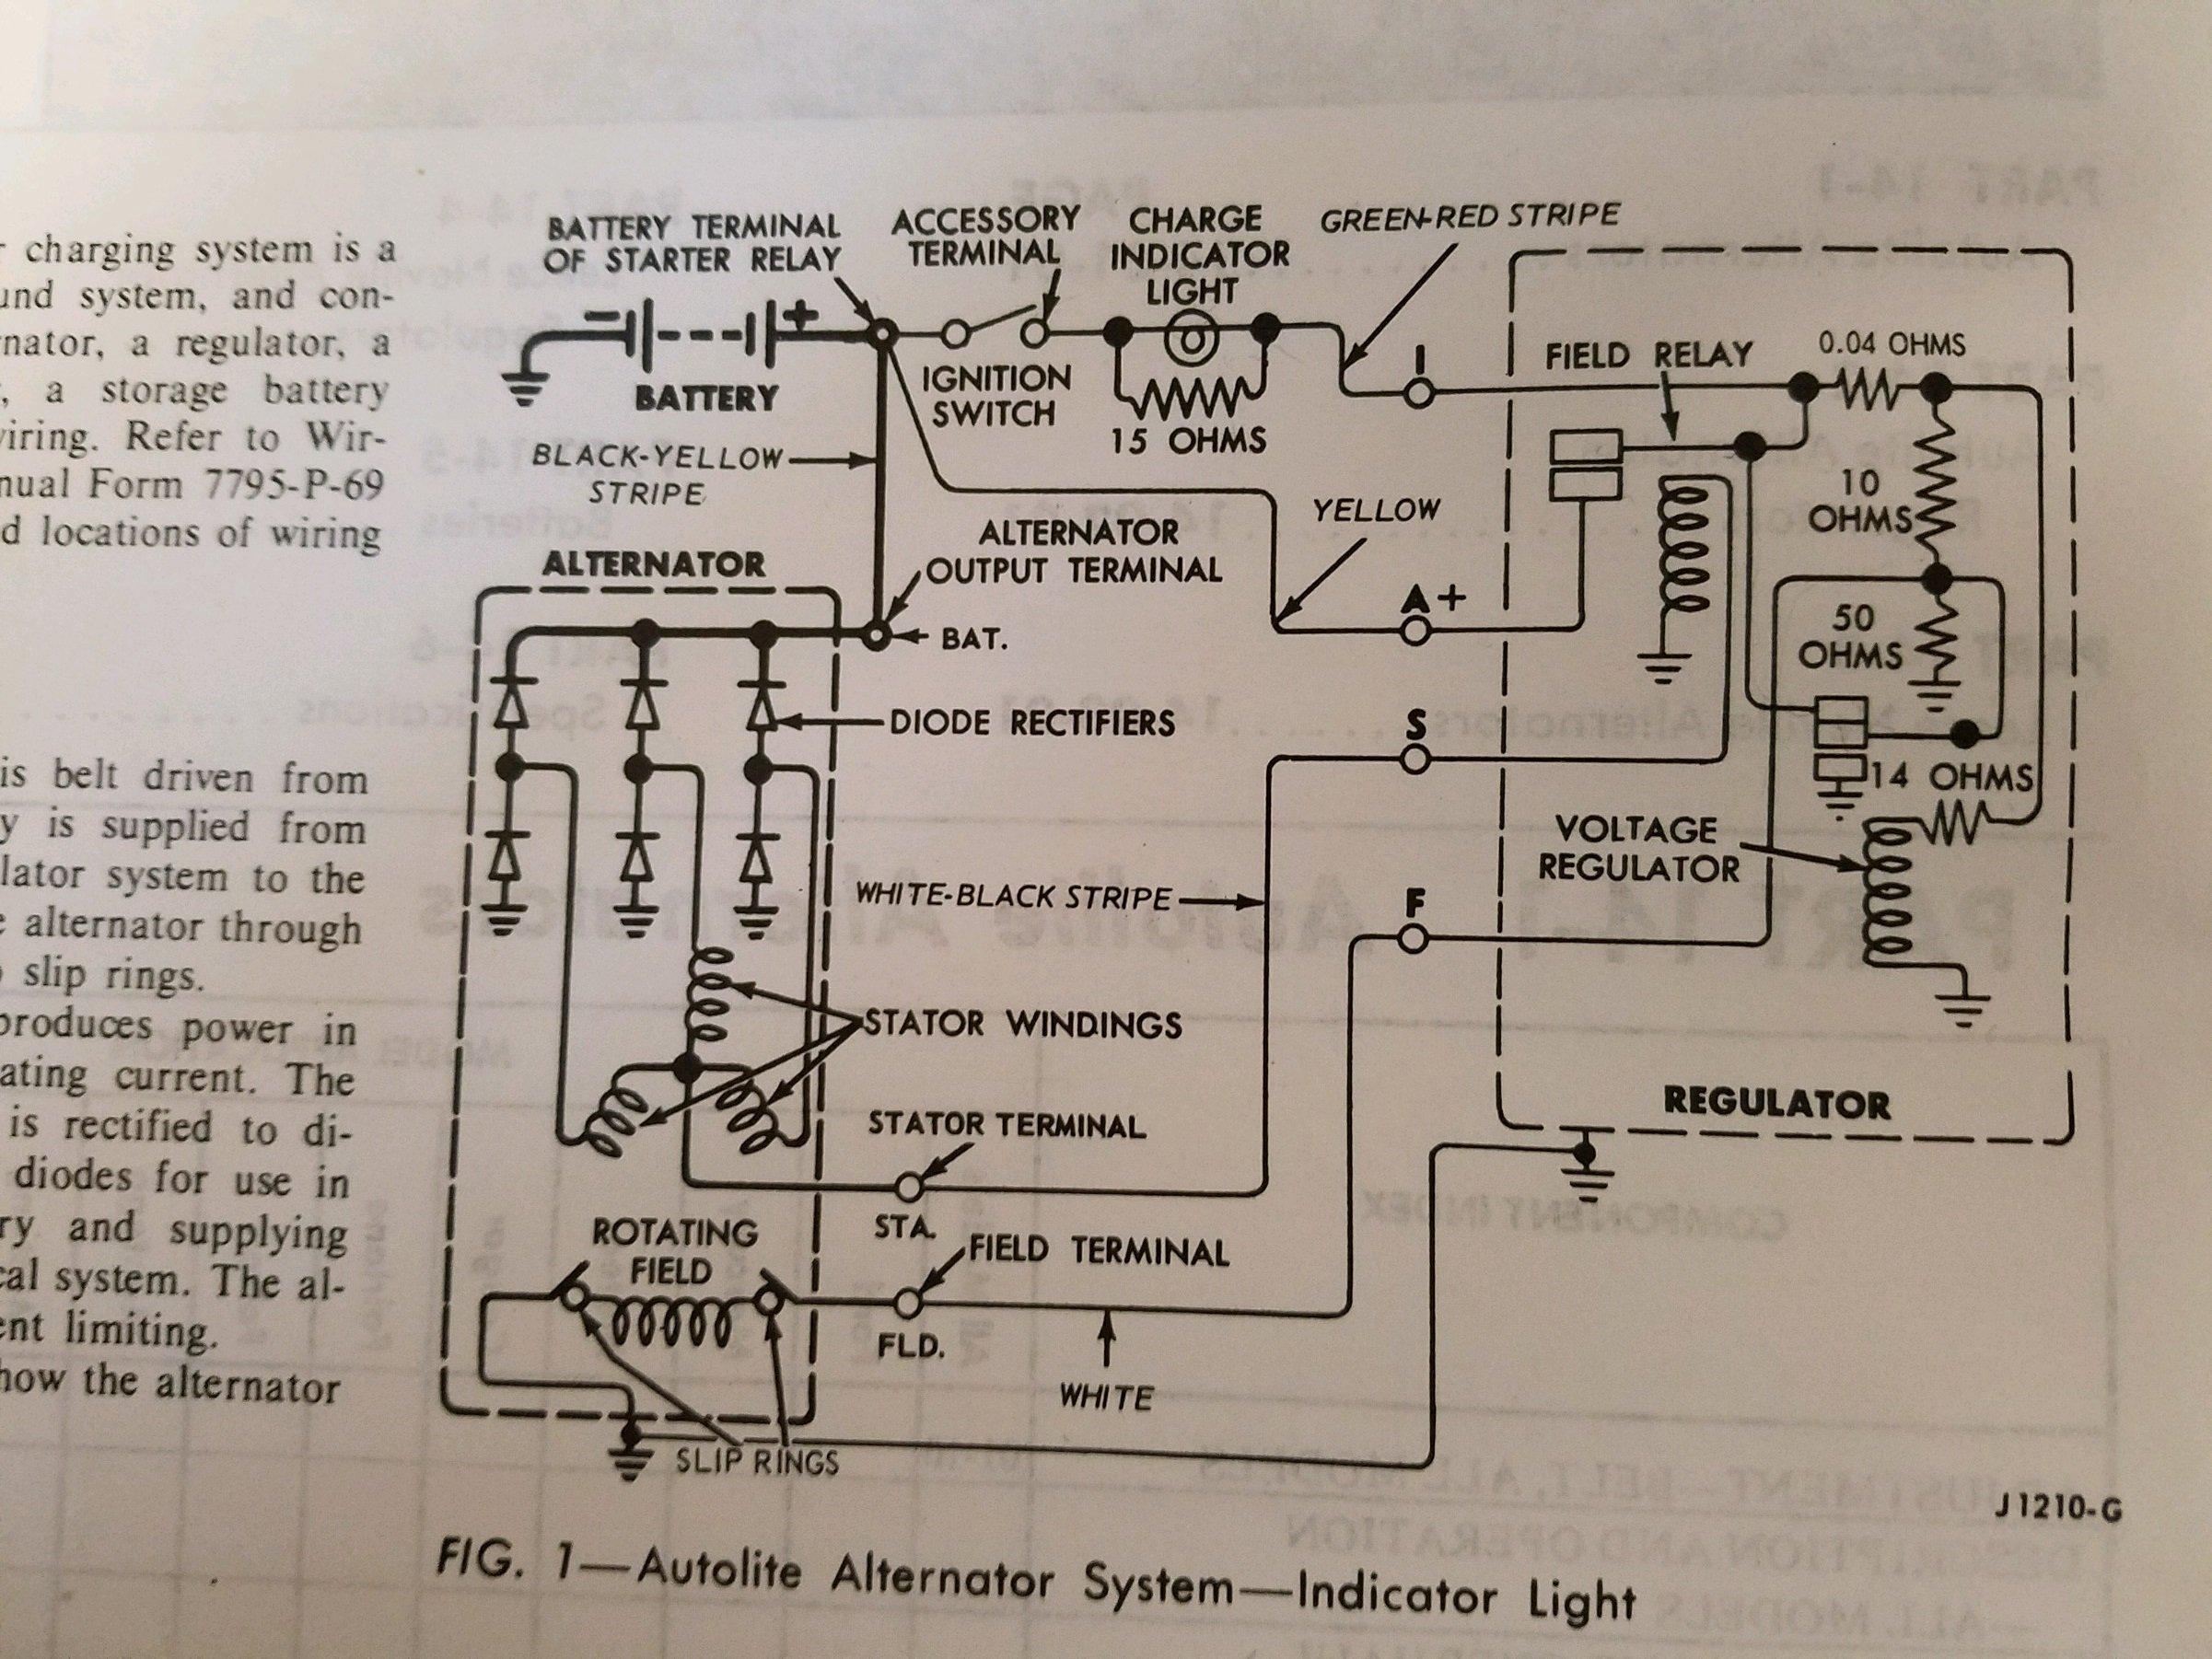 New Autolite Voltage Regulator Keeps Alt Light On After